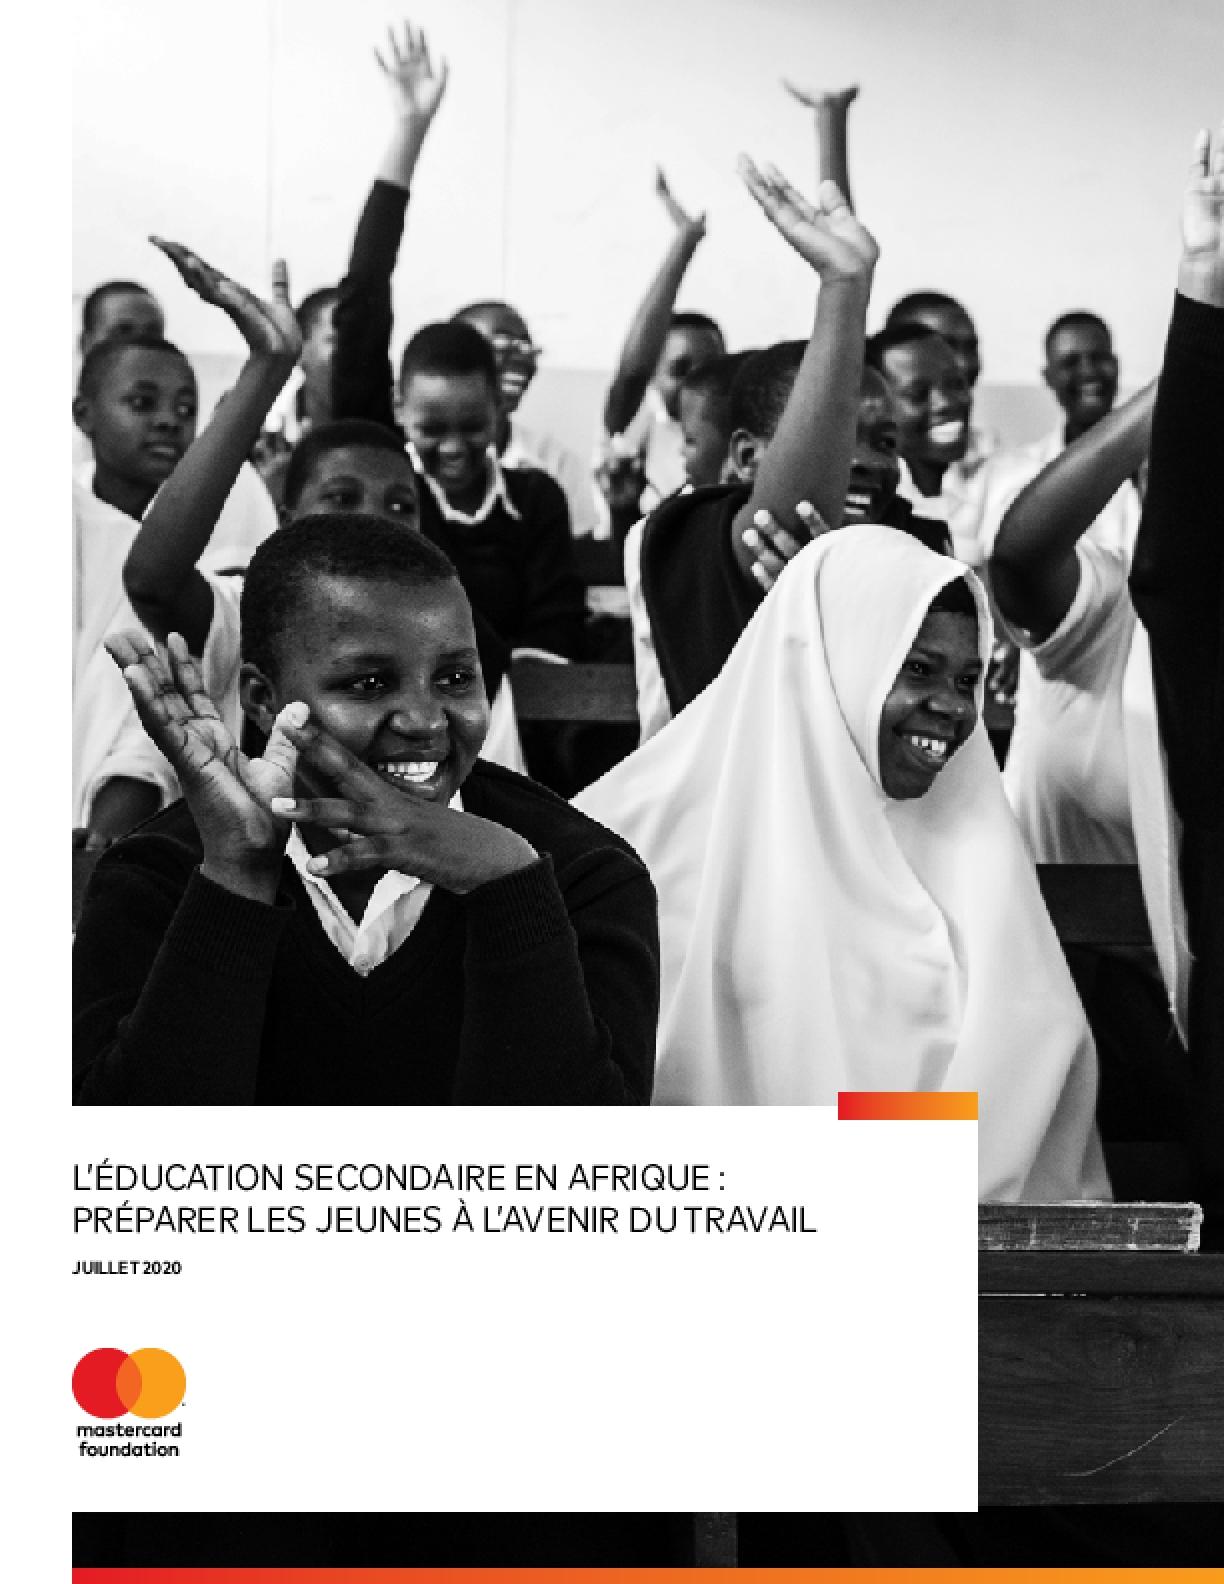 L'ÉDUCATION SECONDAIRE EN AFRIQUE: PRÉPARER LES JEUNES À L'AVENIR DU TRAVAIL